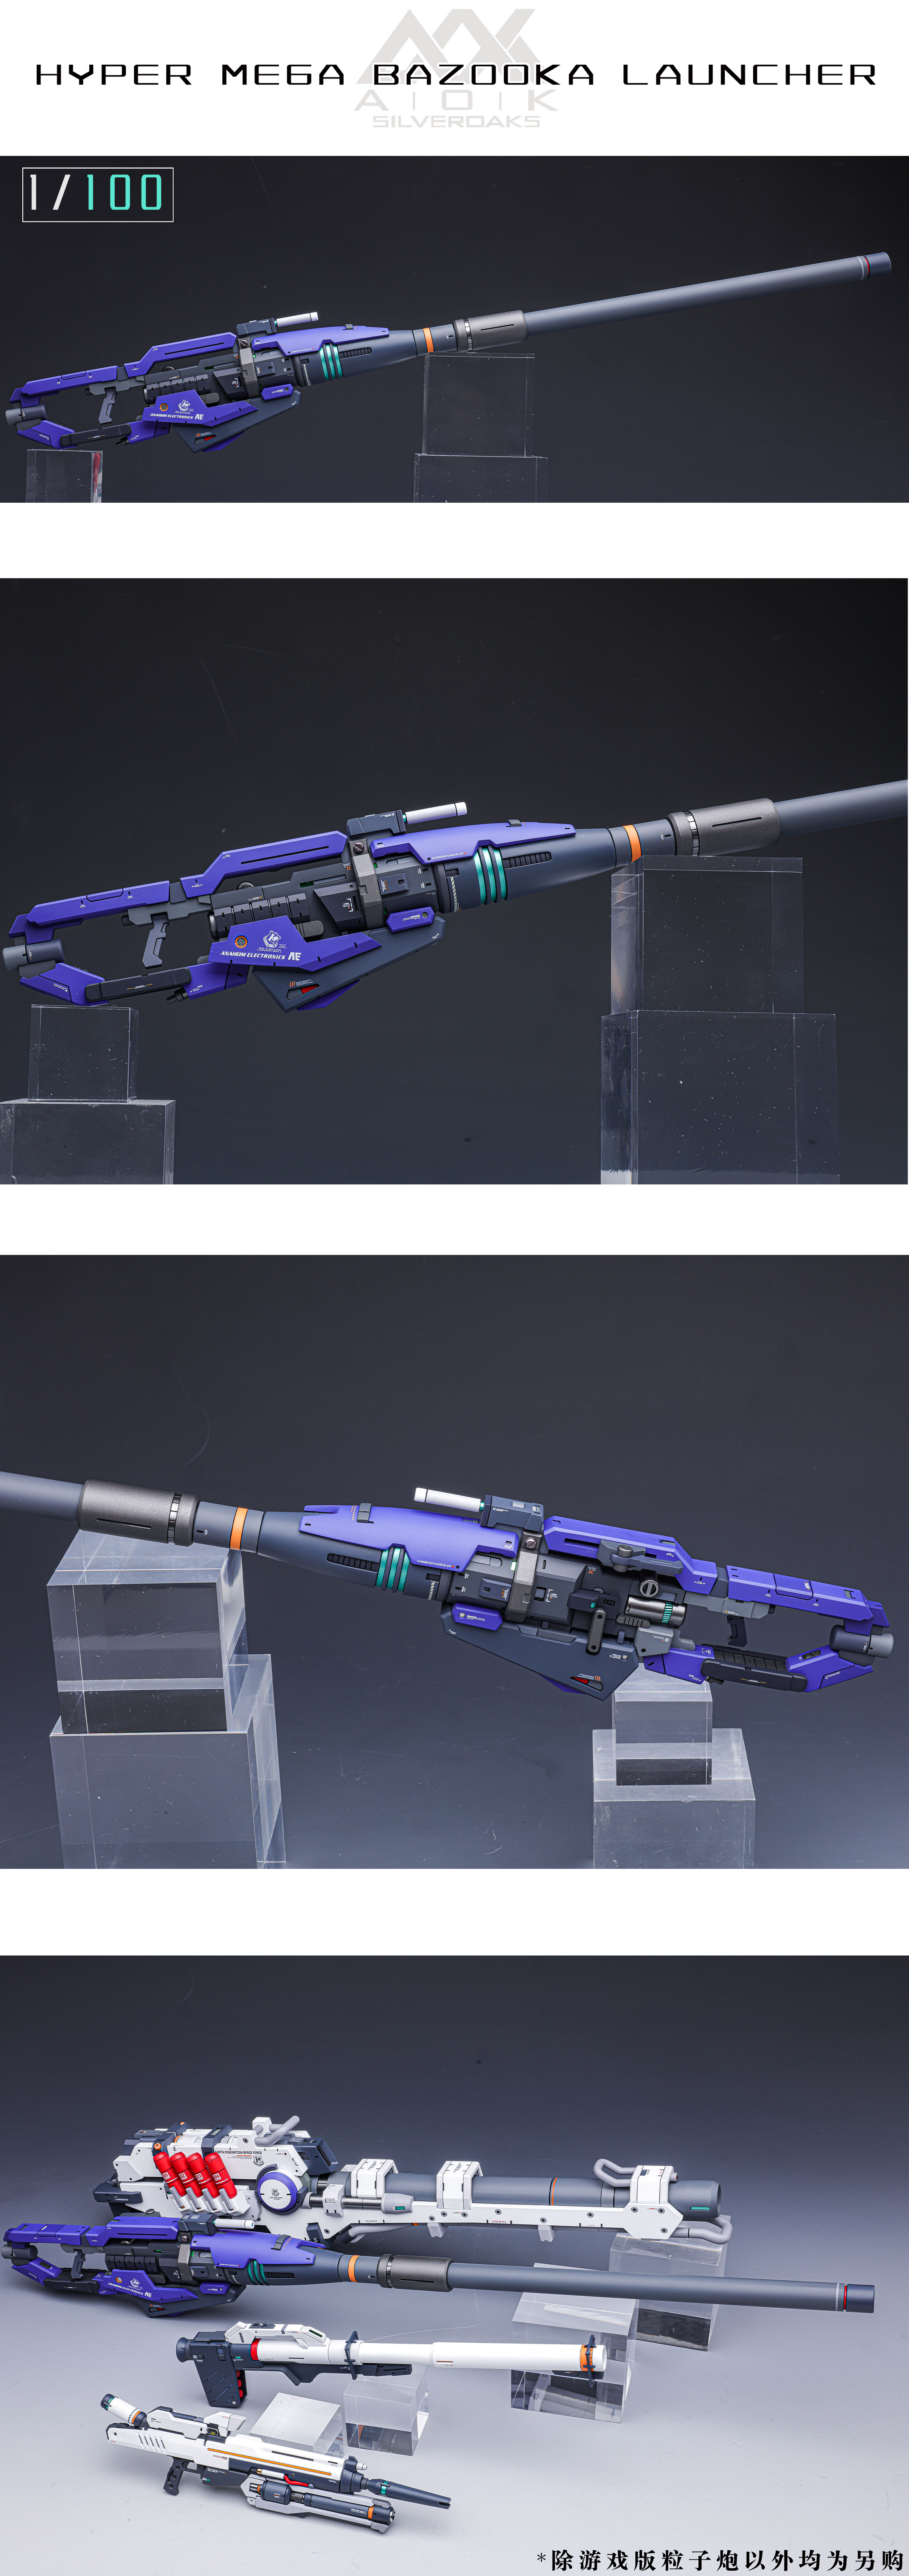 G822_rg_MG_mega_bazooka_launcher_AOK_005.jpg